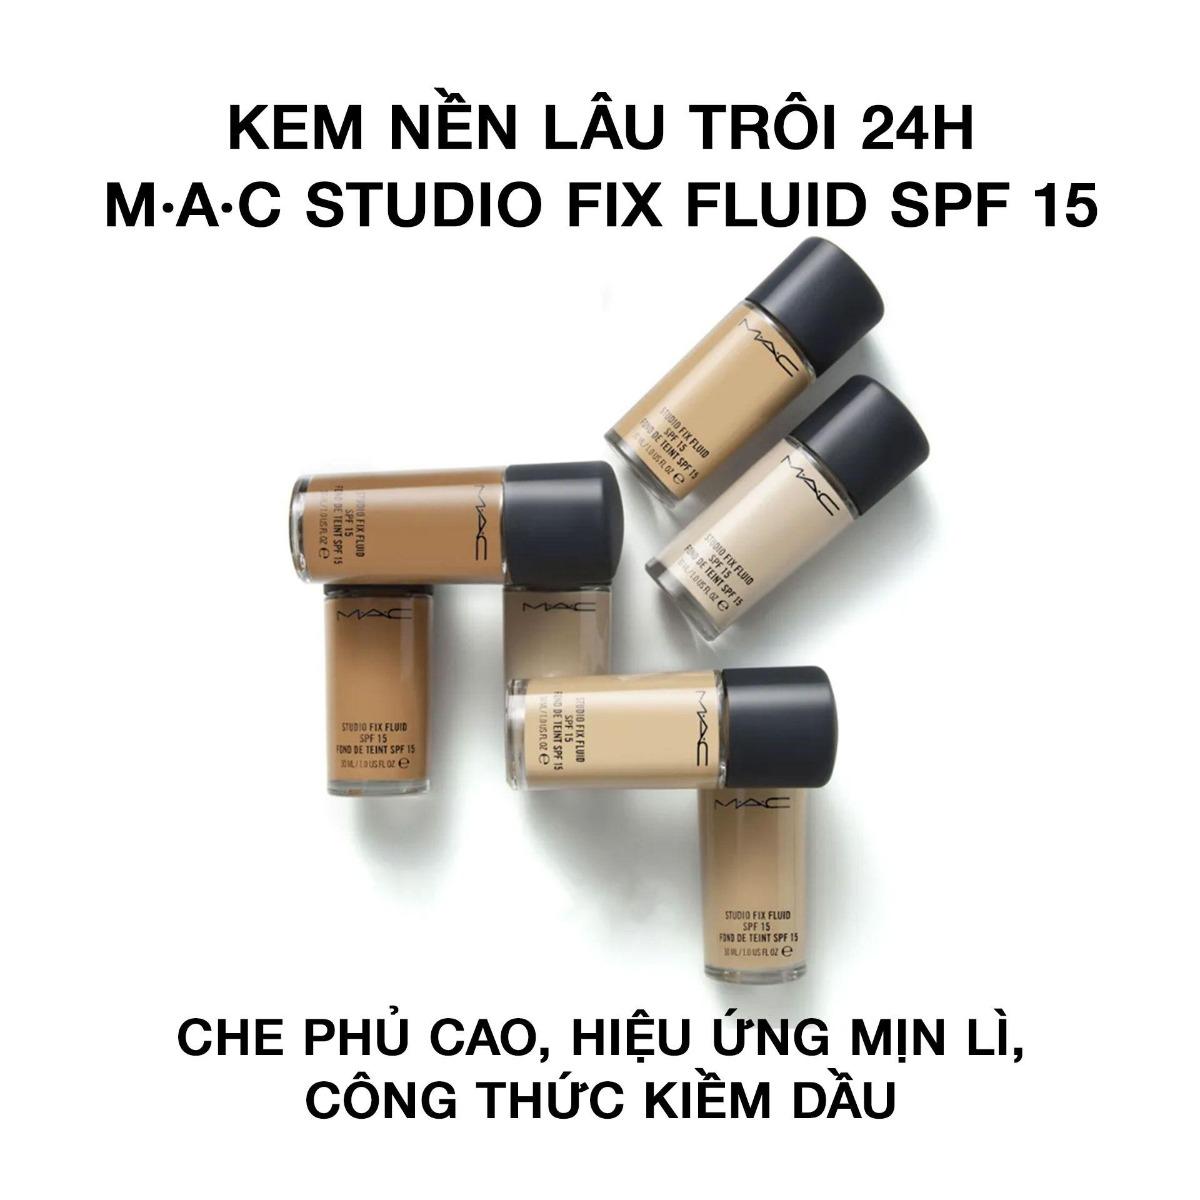 Kem Nền Kiềm Dầu MAC Studio Fix Fluid SPF 15 Fond De Teint SPF 15